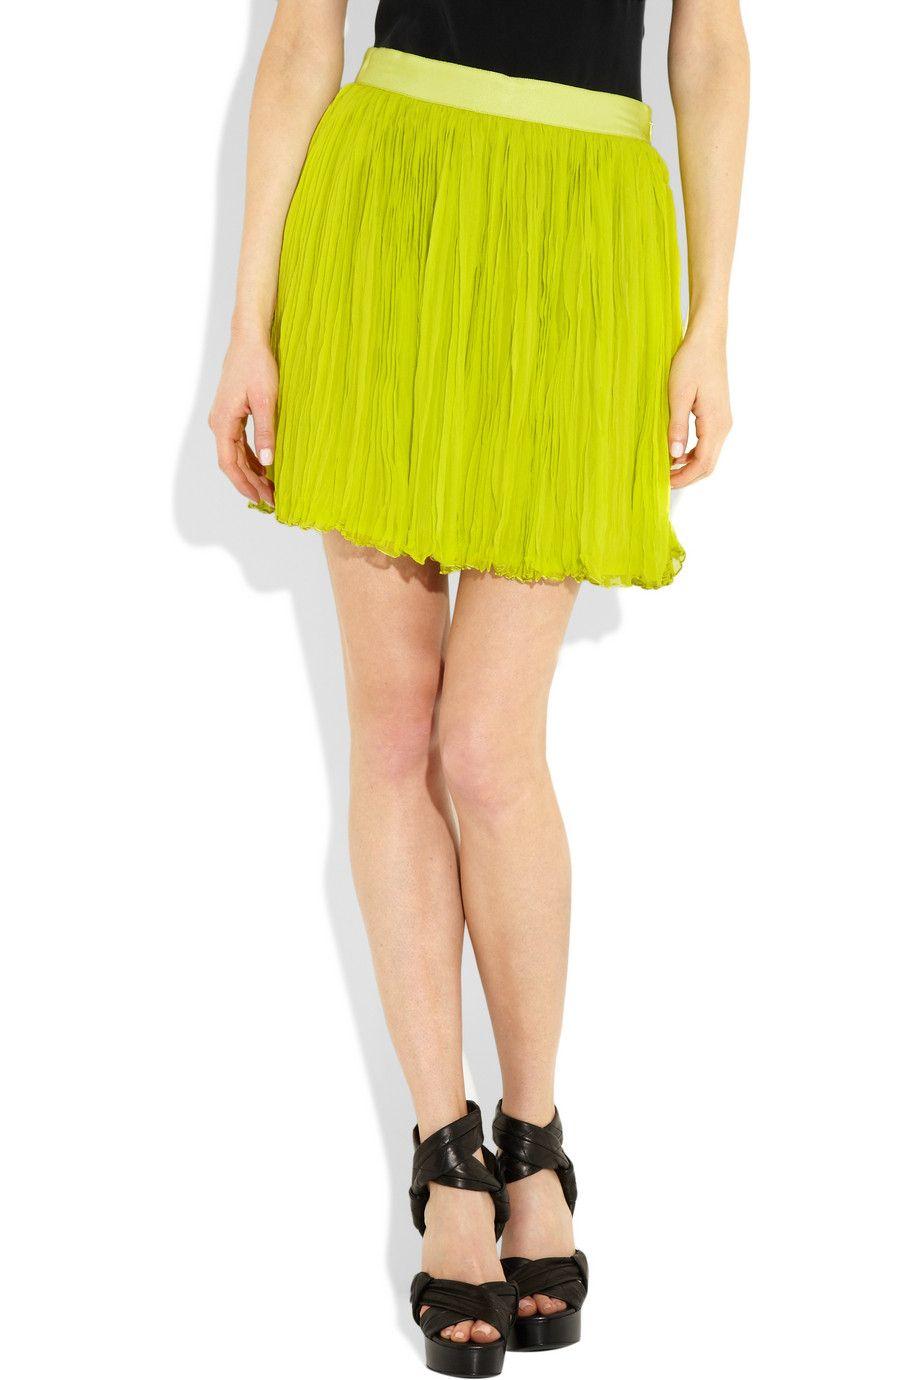 ADAM skirt. $300